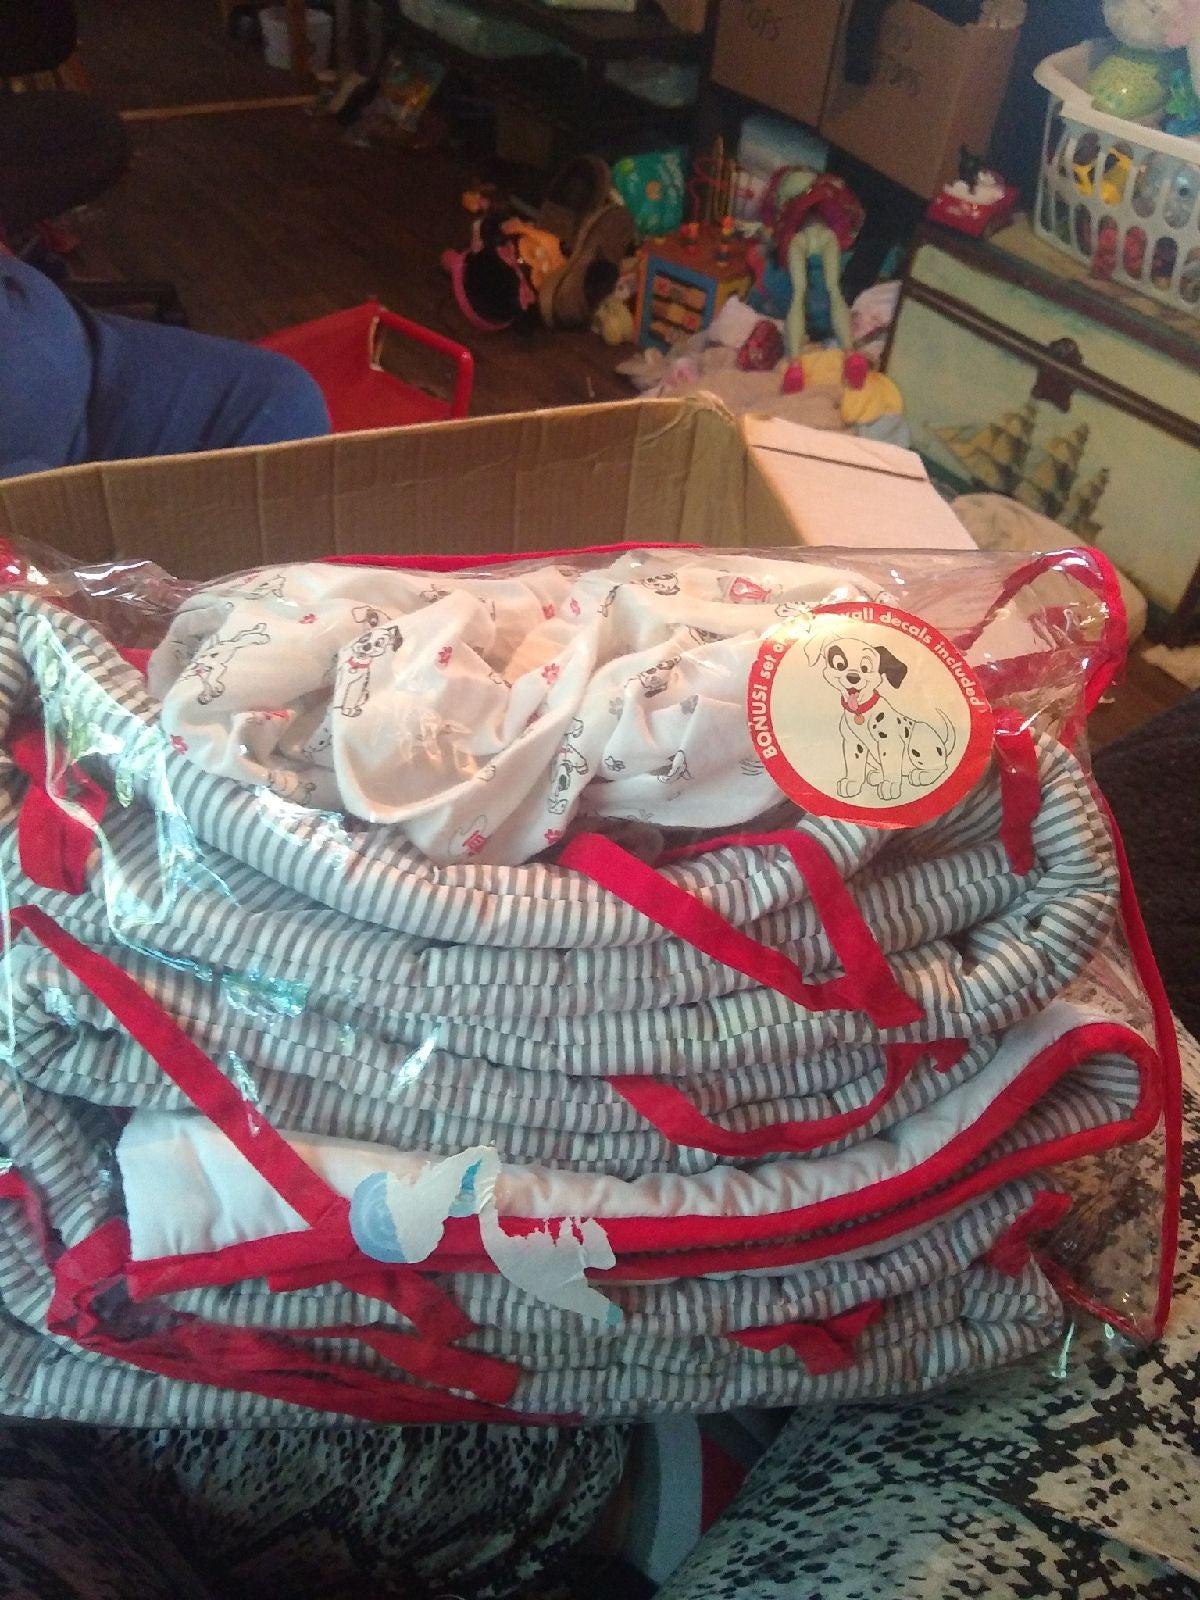 101 102 Dalmatians crib set